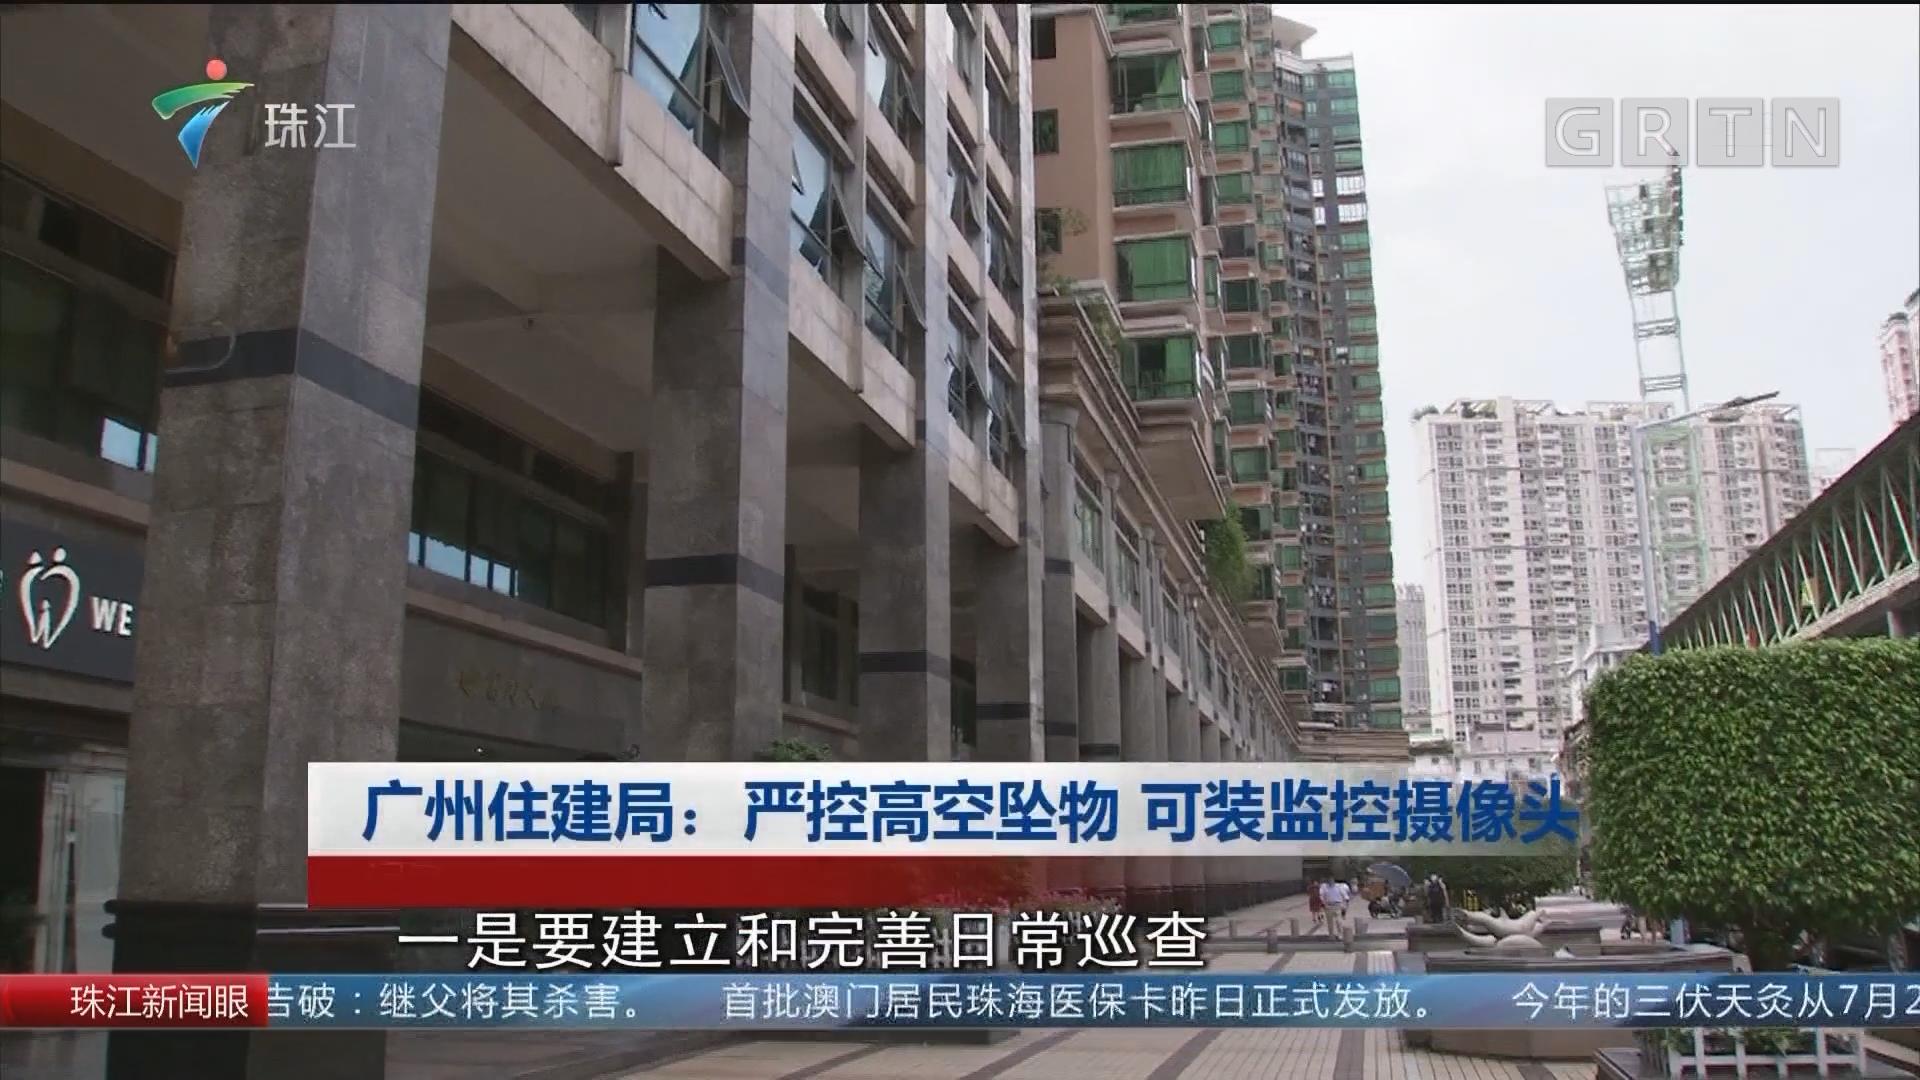 廣州住建局:嚴控高空墜物 可裝監控攝像頭